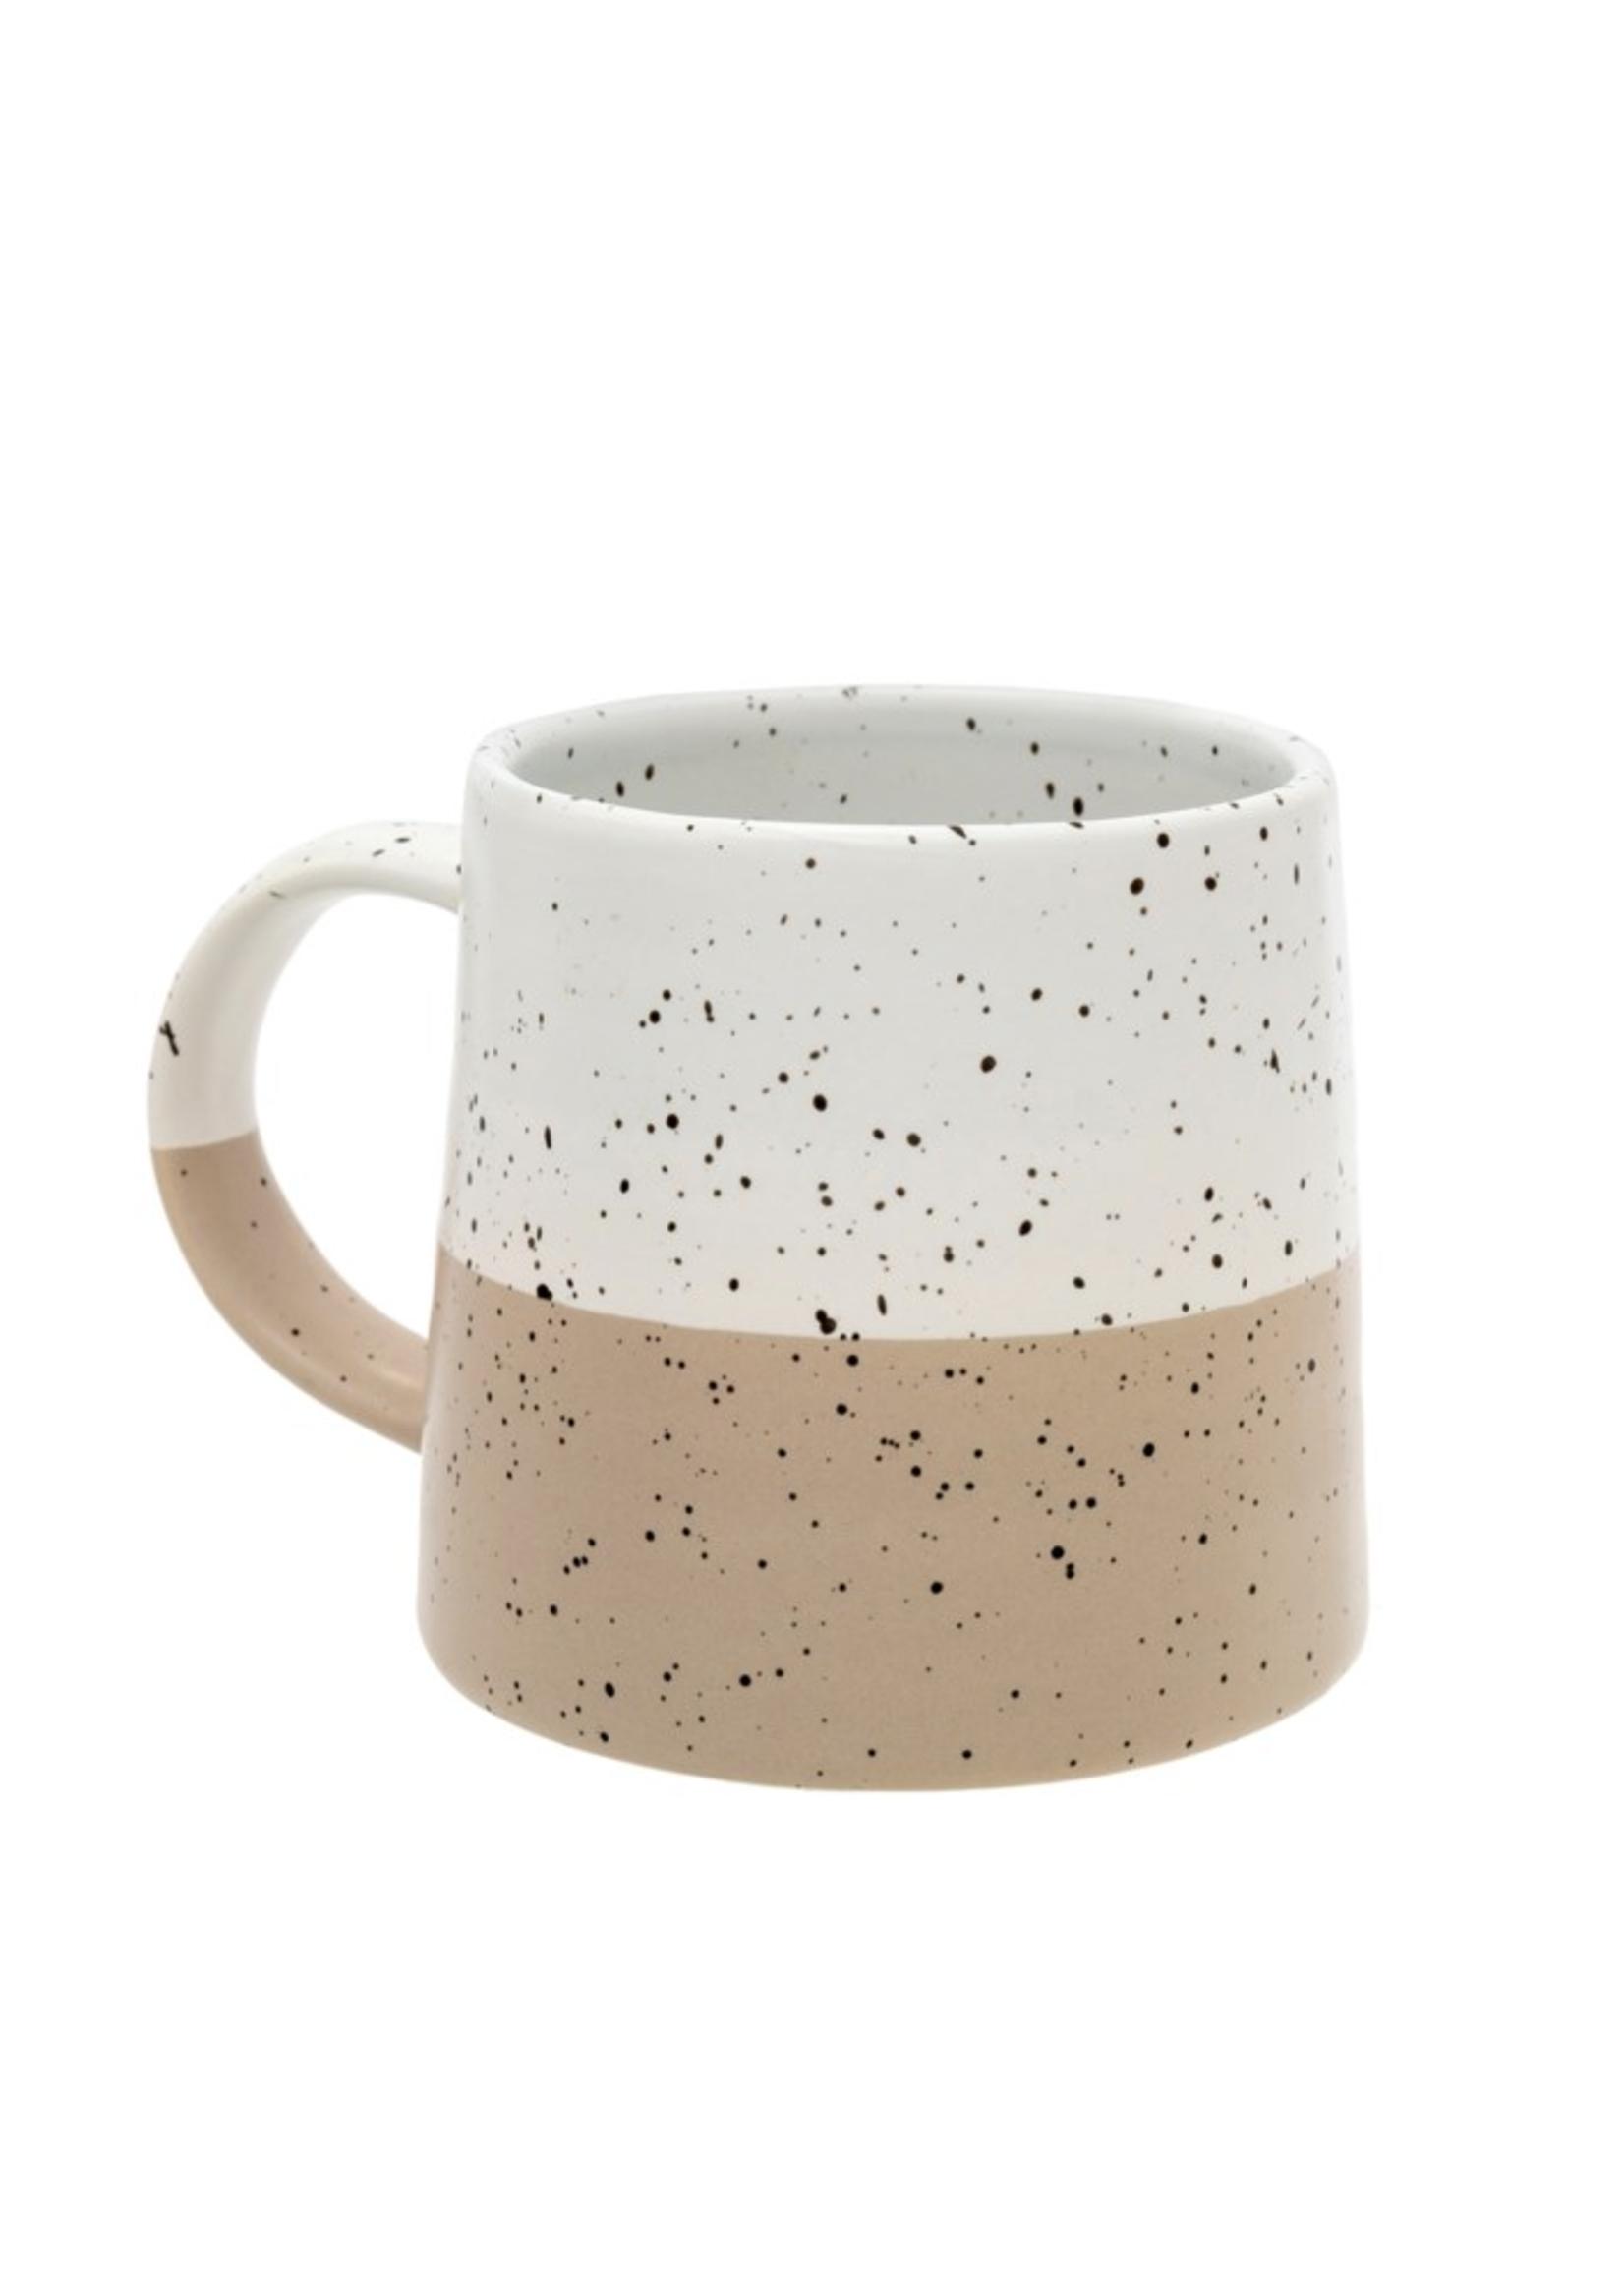 Indaba Trading Co Aster Mug